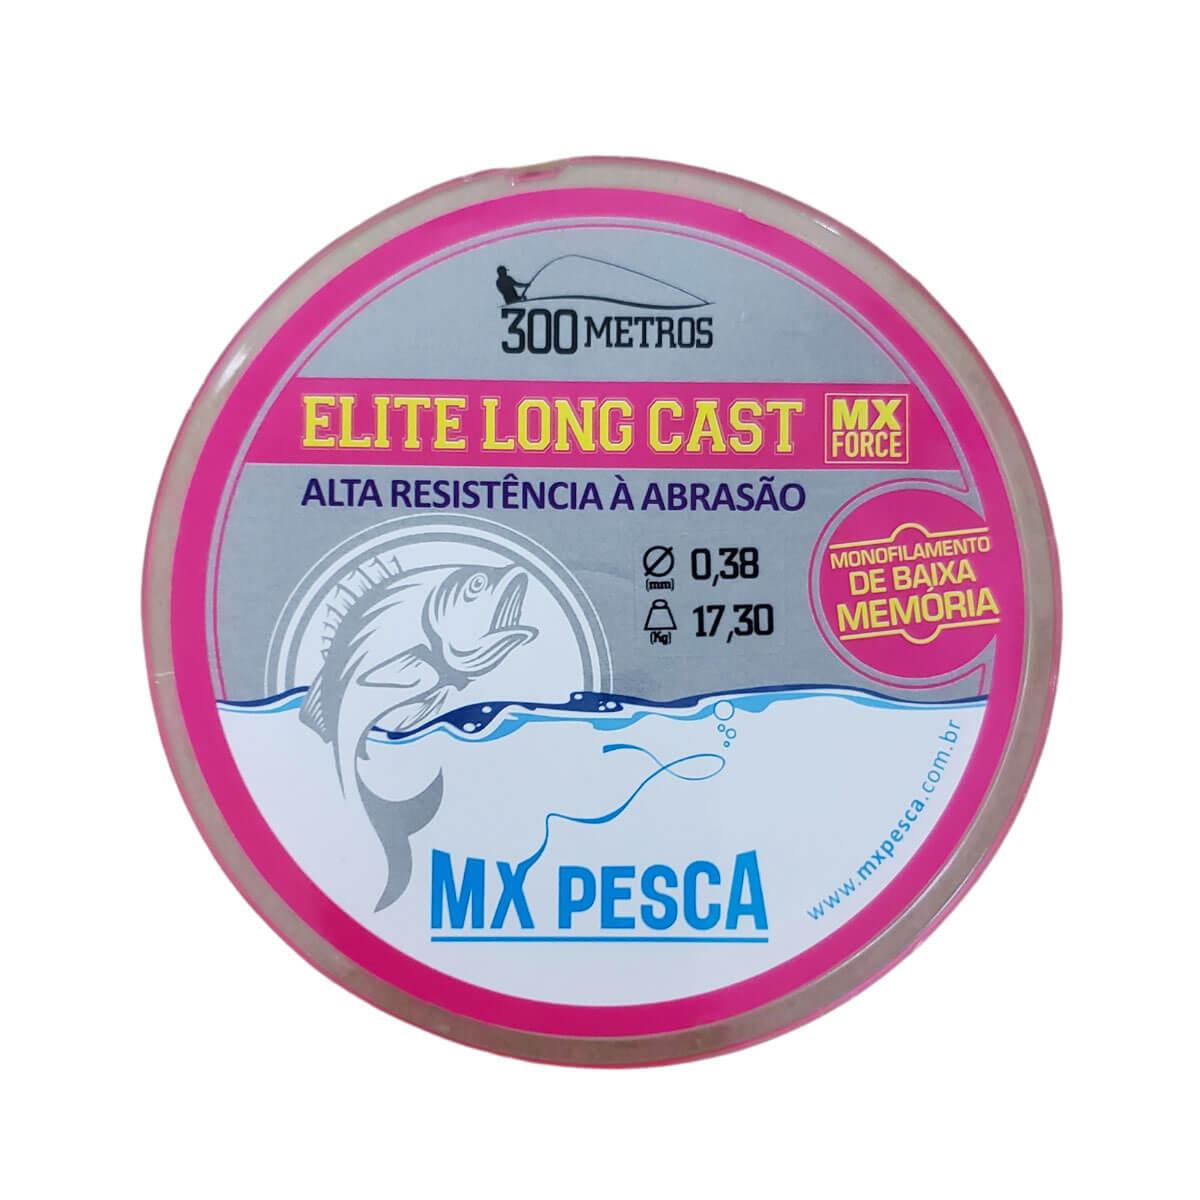 Linha Mx Pesca Elite Long Cast Rosa 300 m  - Pró Pesca Shop